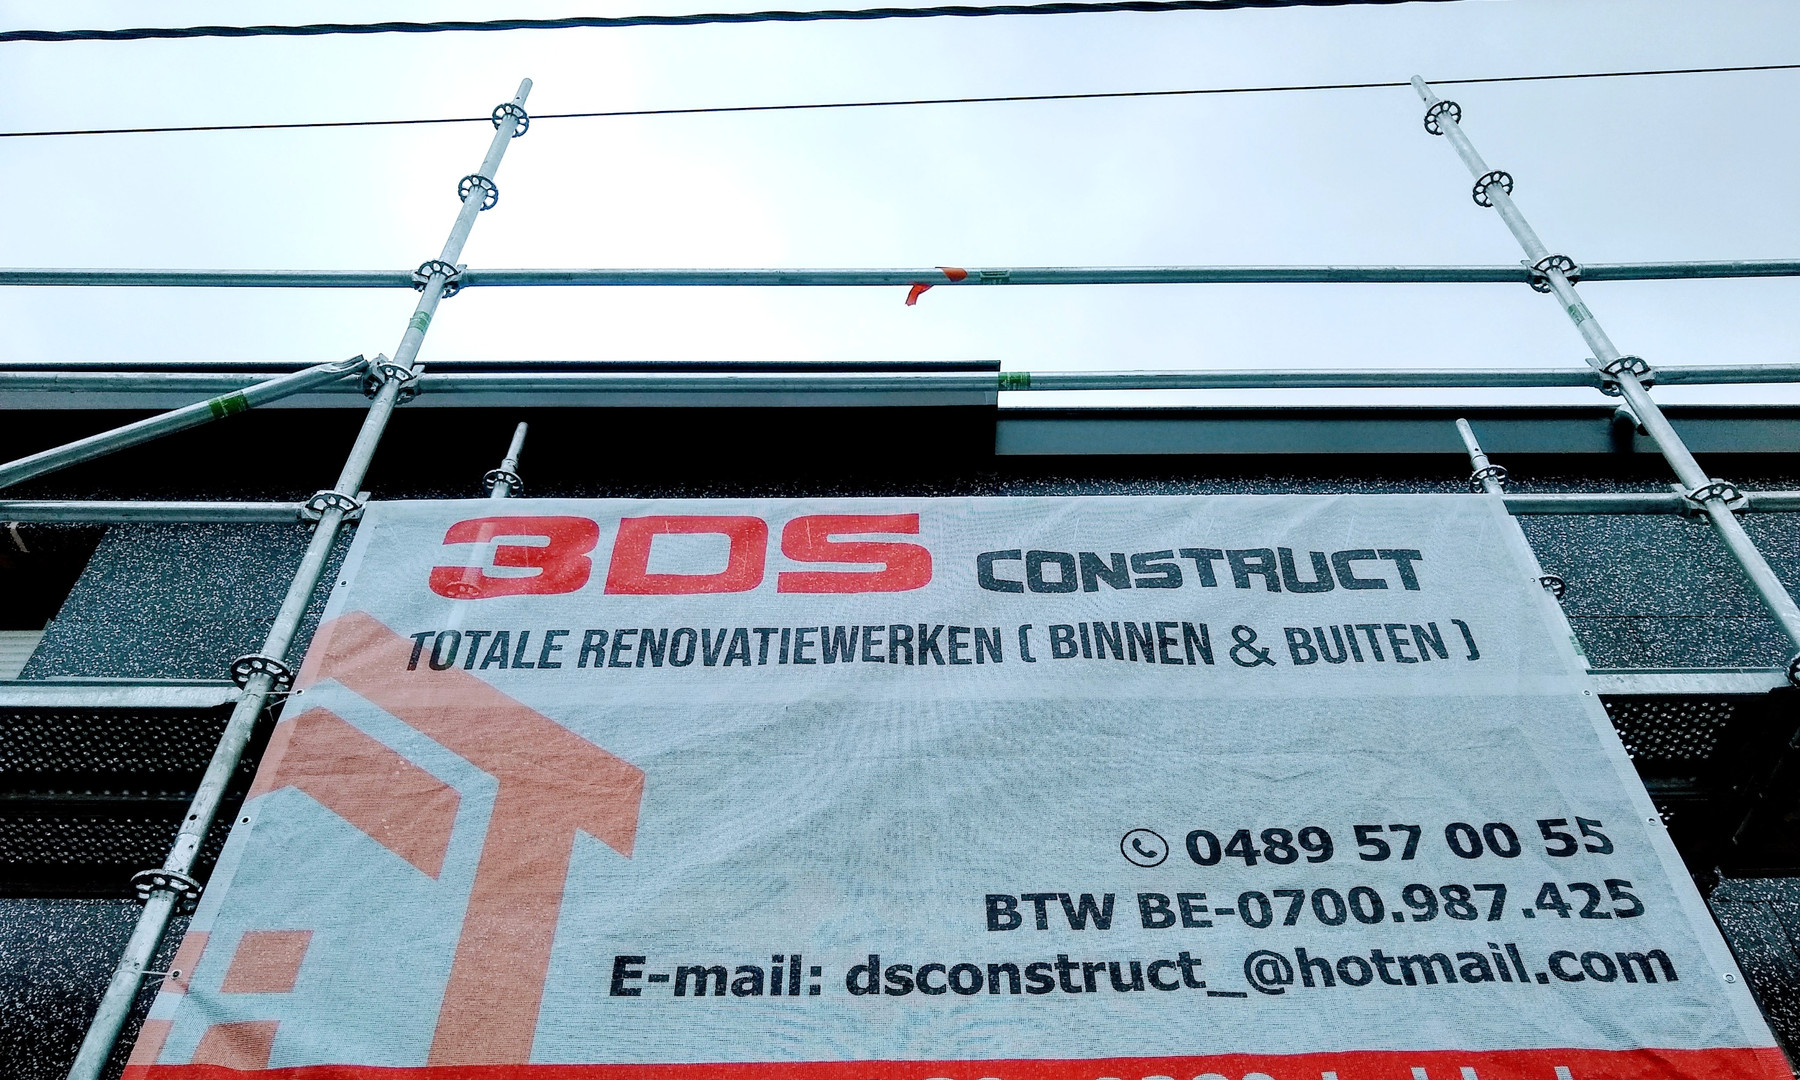 renovatie voorgevel met isolatie en crepi in Sint-Gillis-Dendermonde